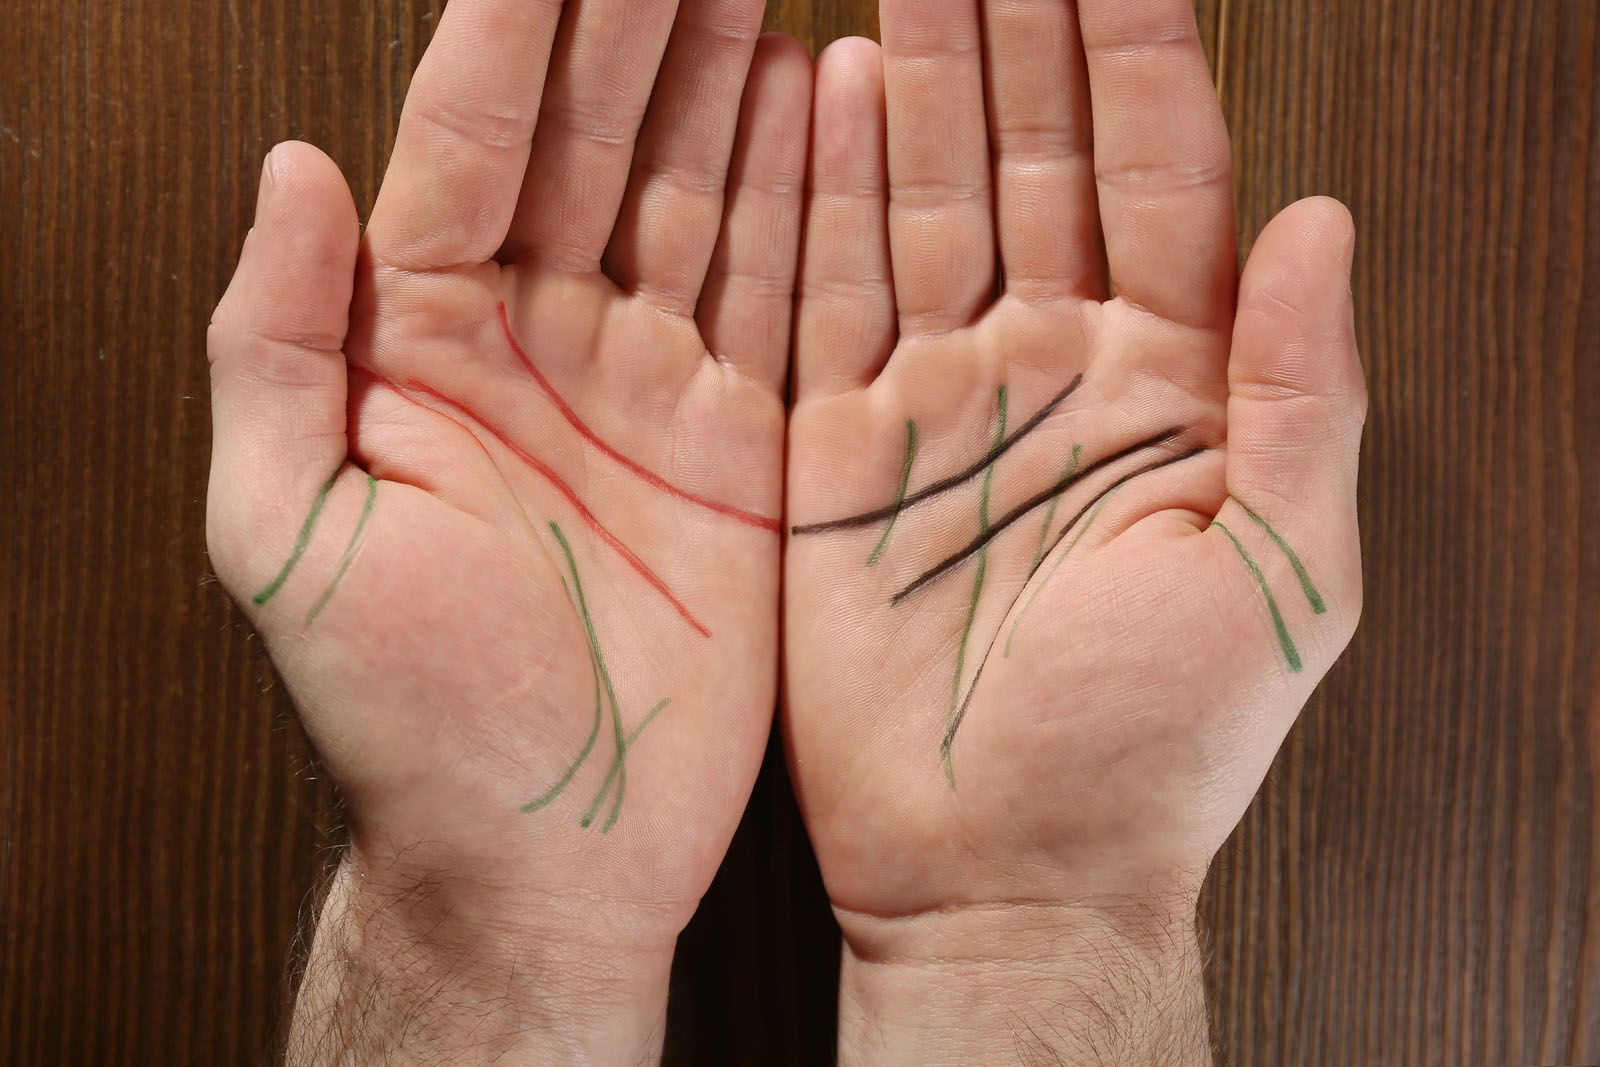 que-hay-de-verdad-en-la-lectura-de-las-lineas-de-las-manos